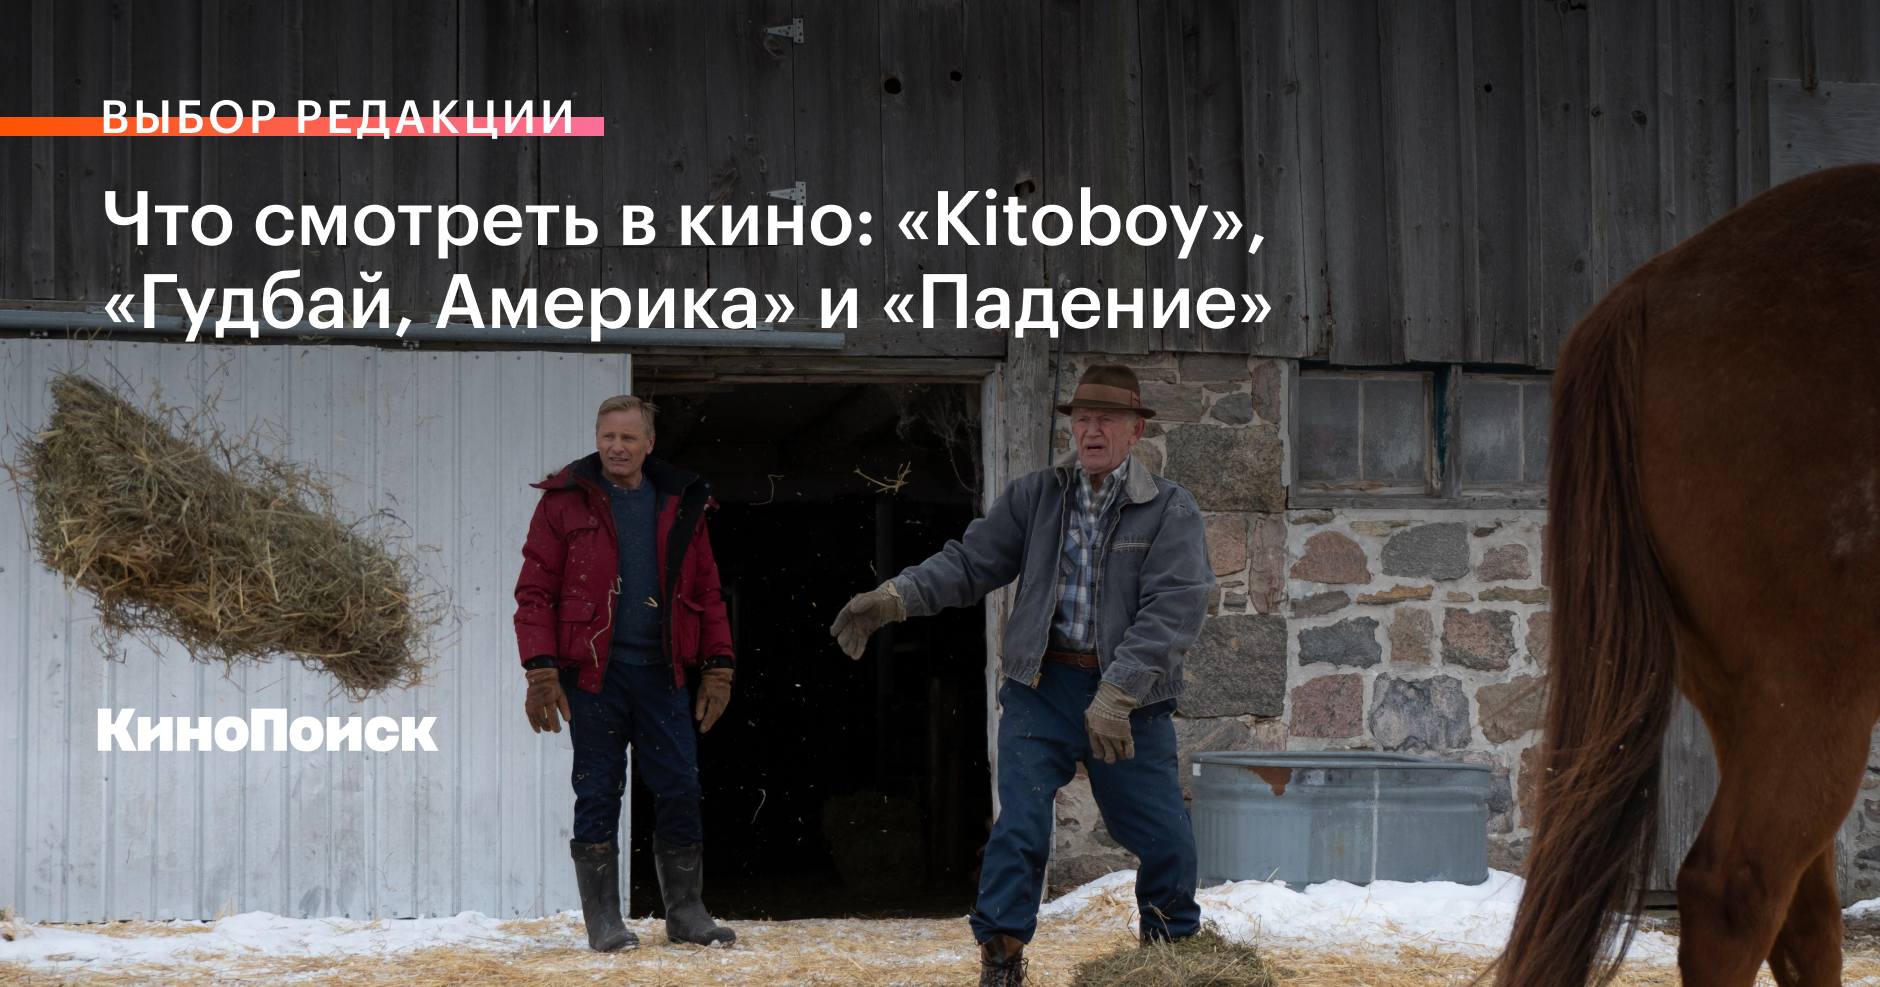 Что смотреть в кино: Kitoboy, «Гудбай, Америка» и «Падение»